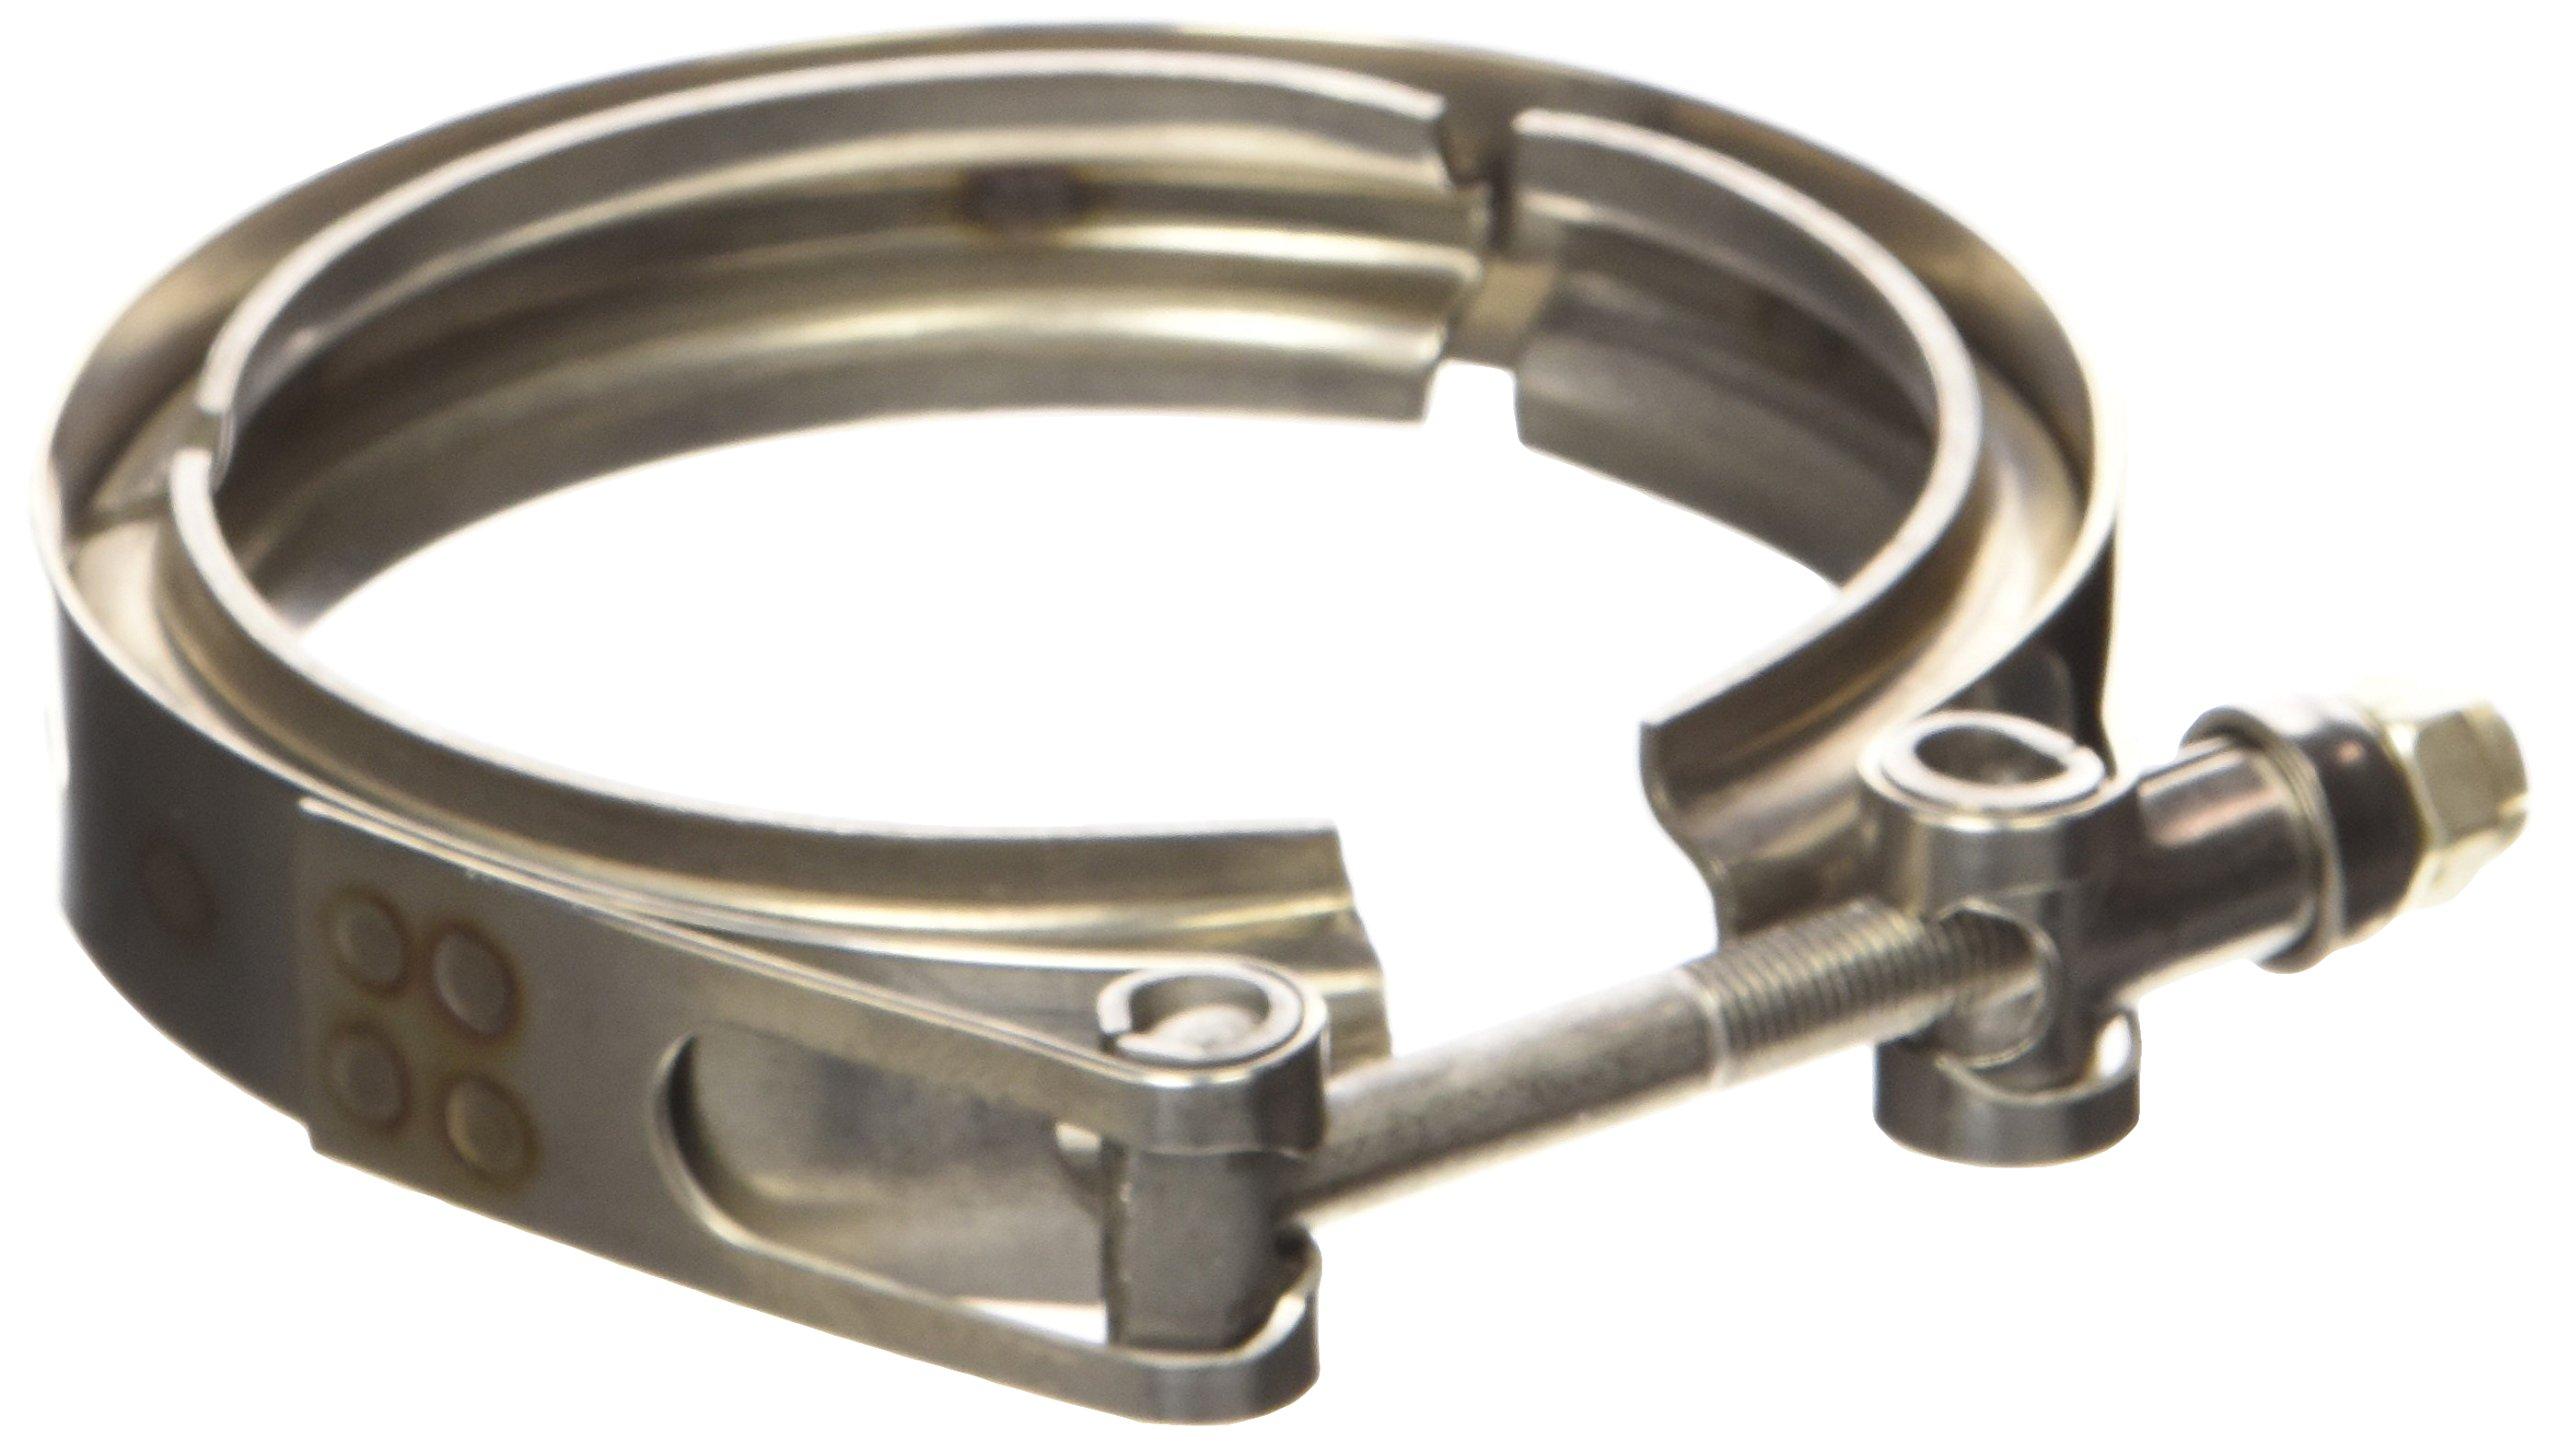 Walker 35804 V-Band Hardware Clamp